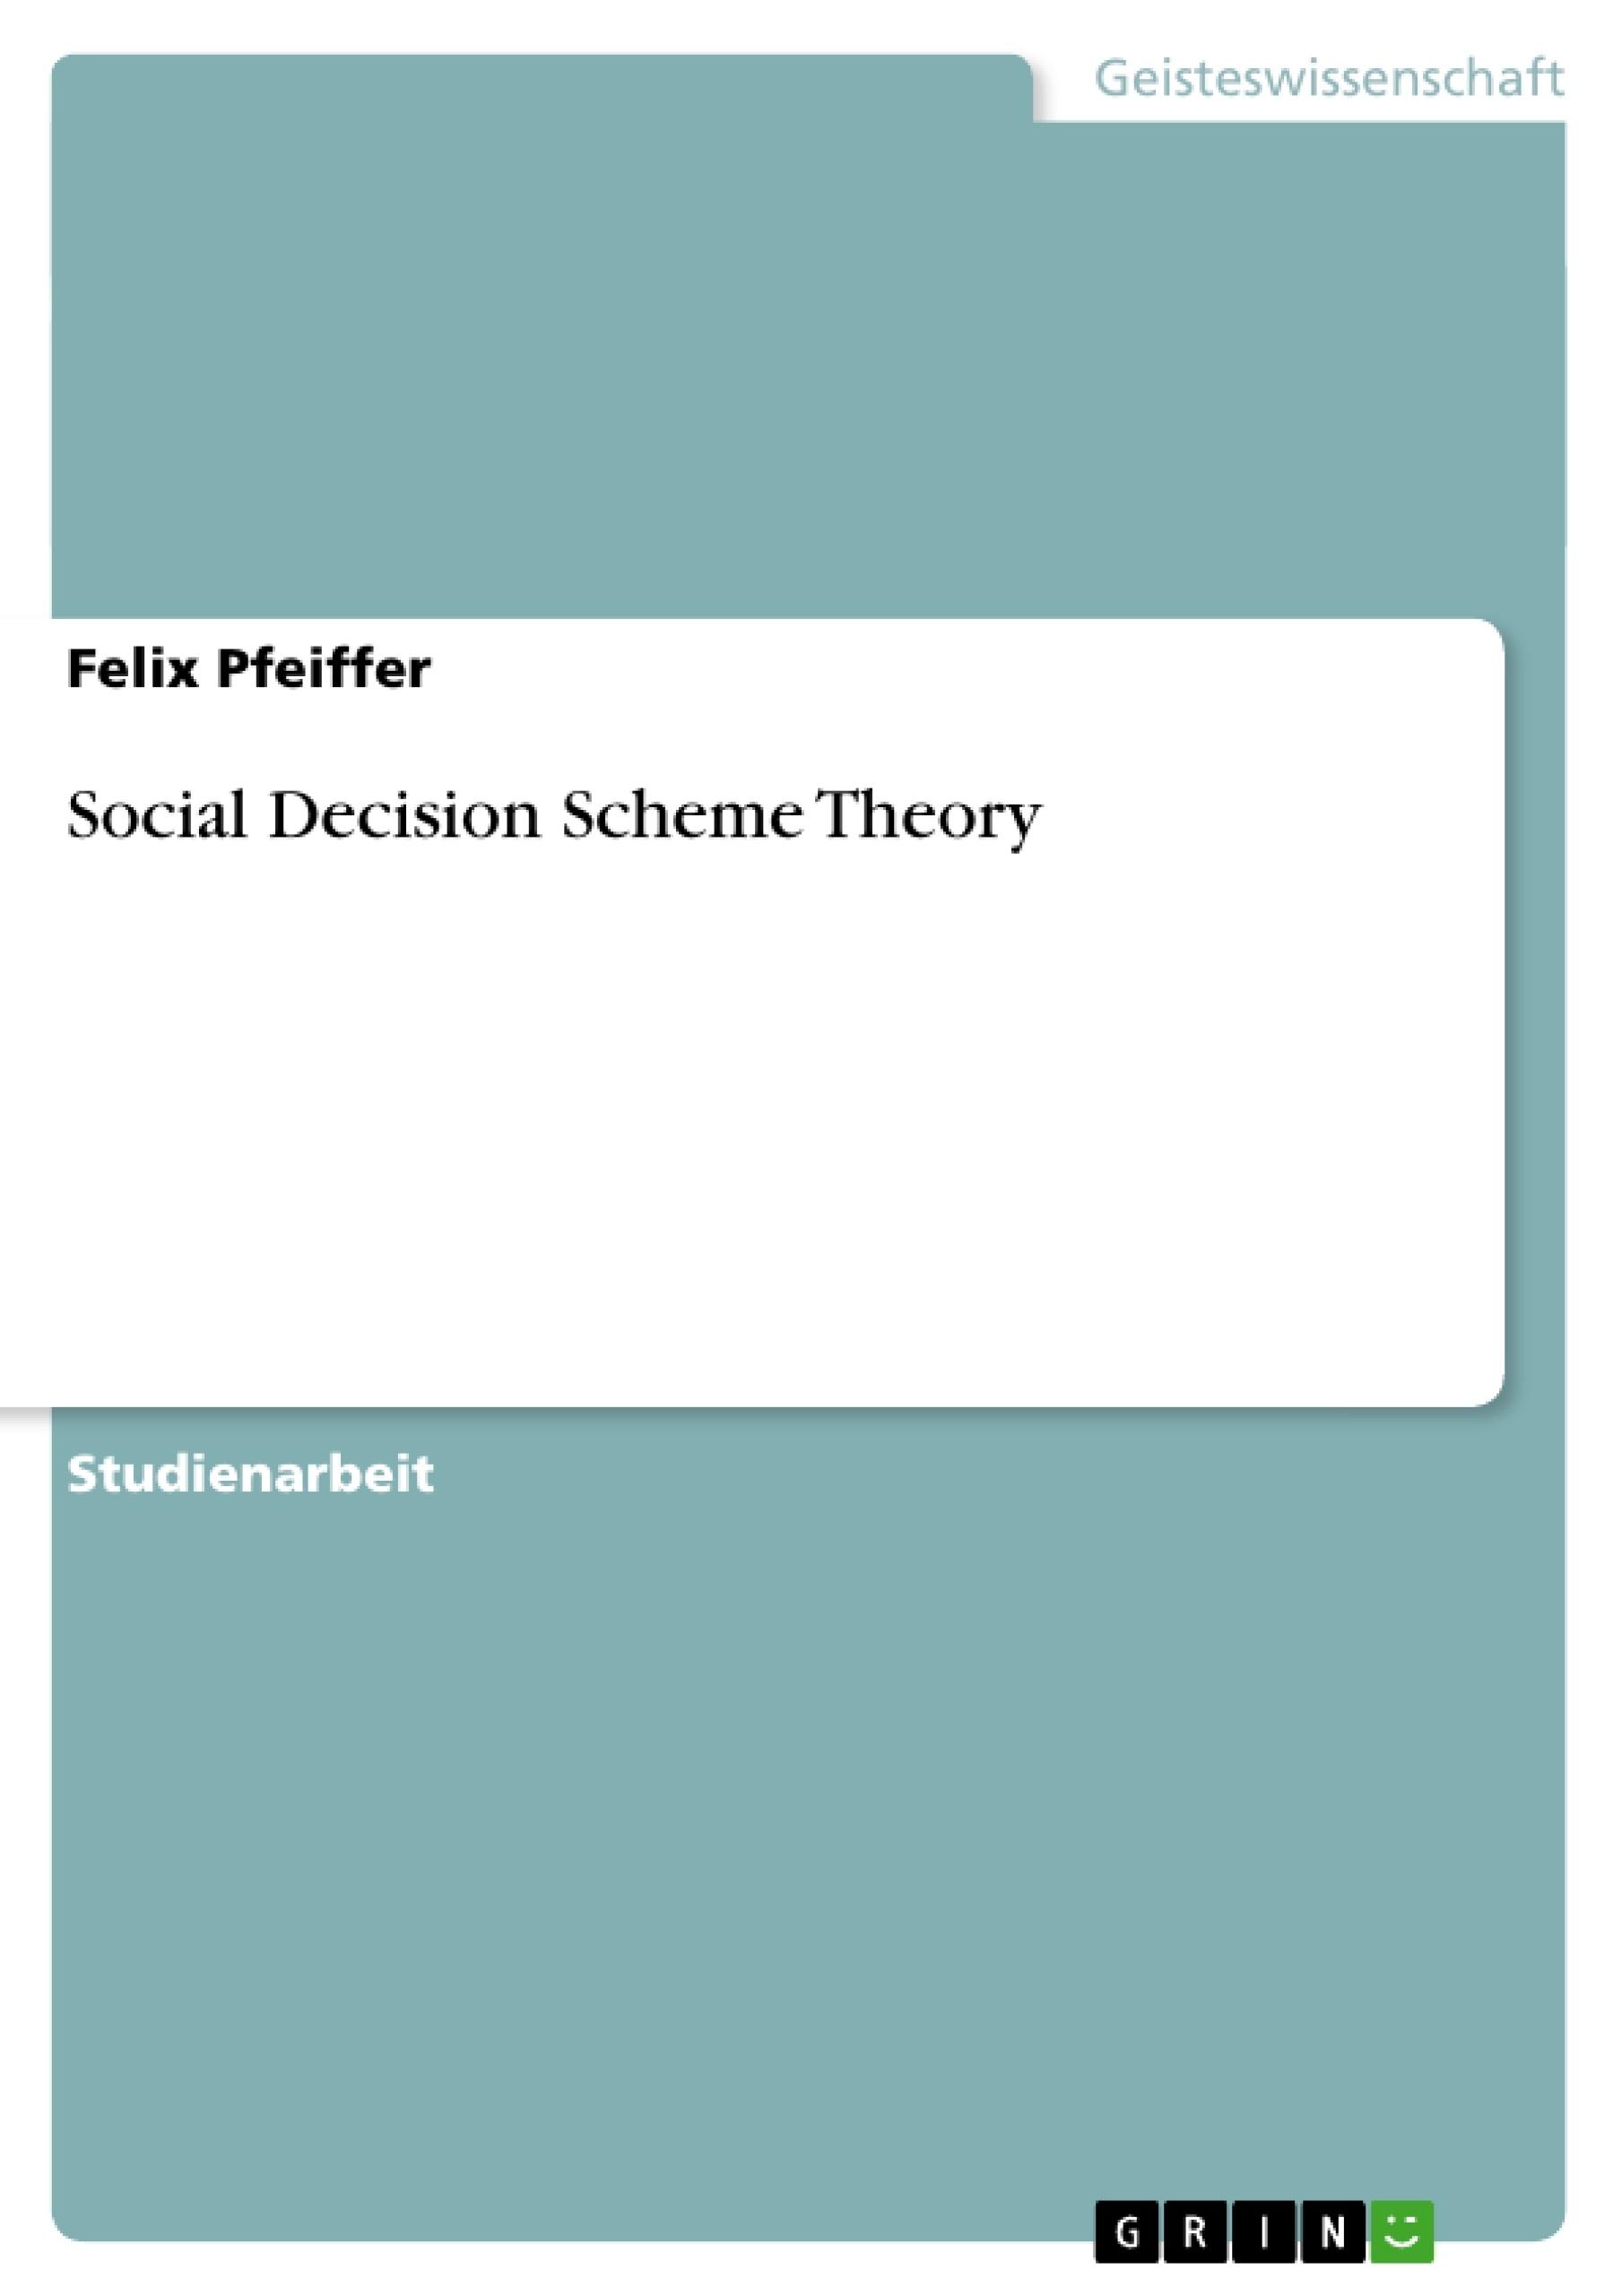 Titel: Social Decision Scheme Theory